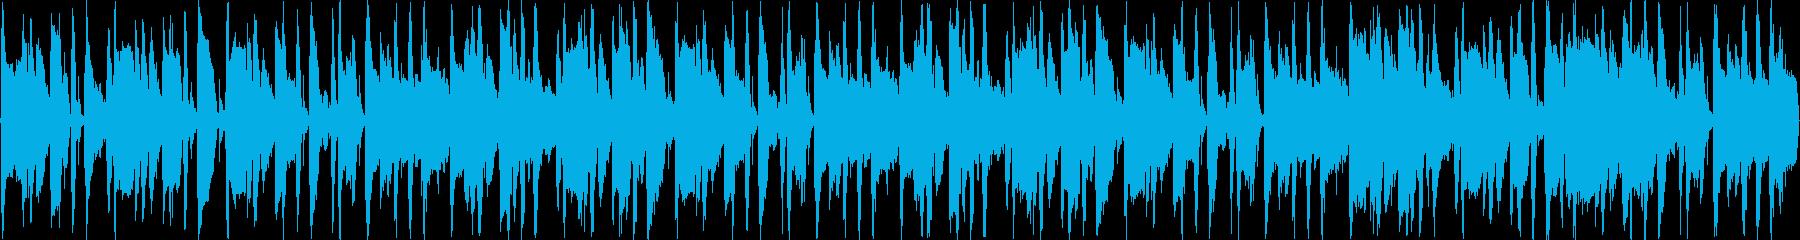 軽快なブラスサウンドのループBGMの再生済みの波形